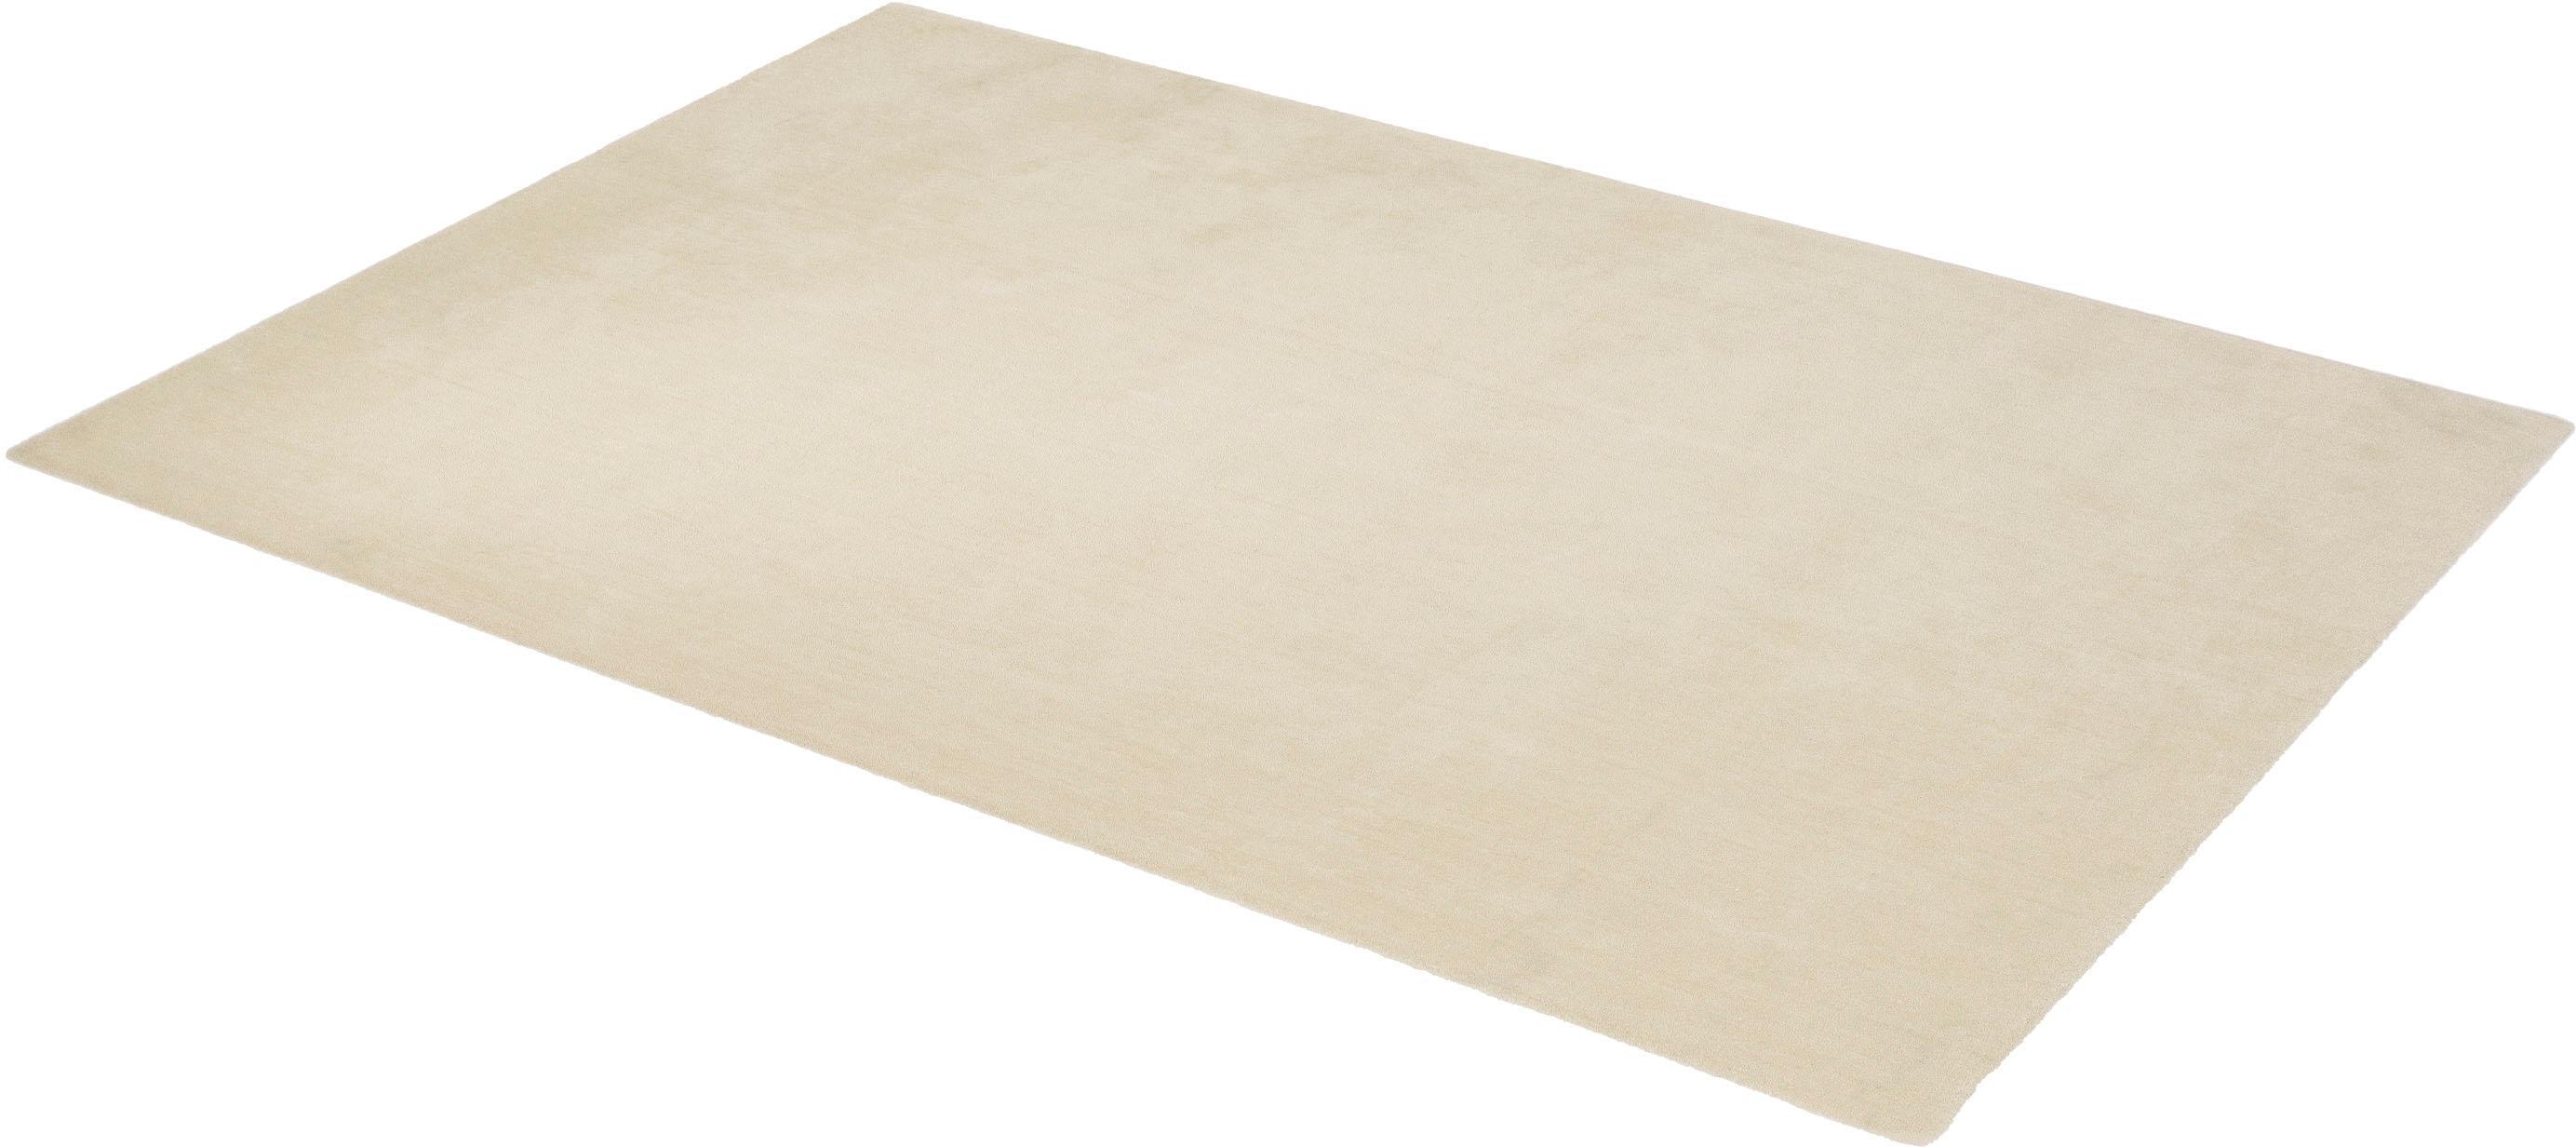 Teppich Victoria SCHÖNER WOHNEN-Kollektion rechteckig Höhe 14 mm handgetuftet